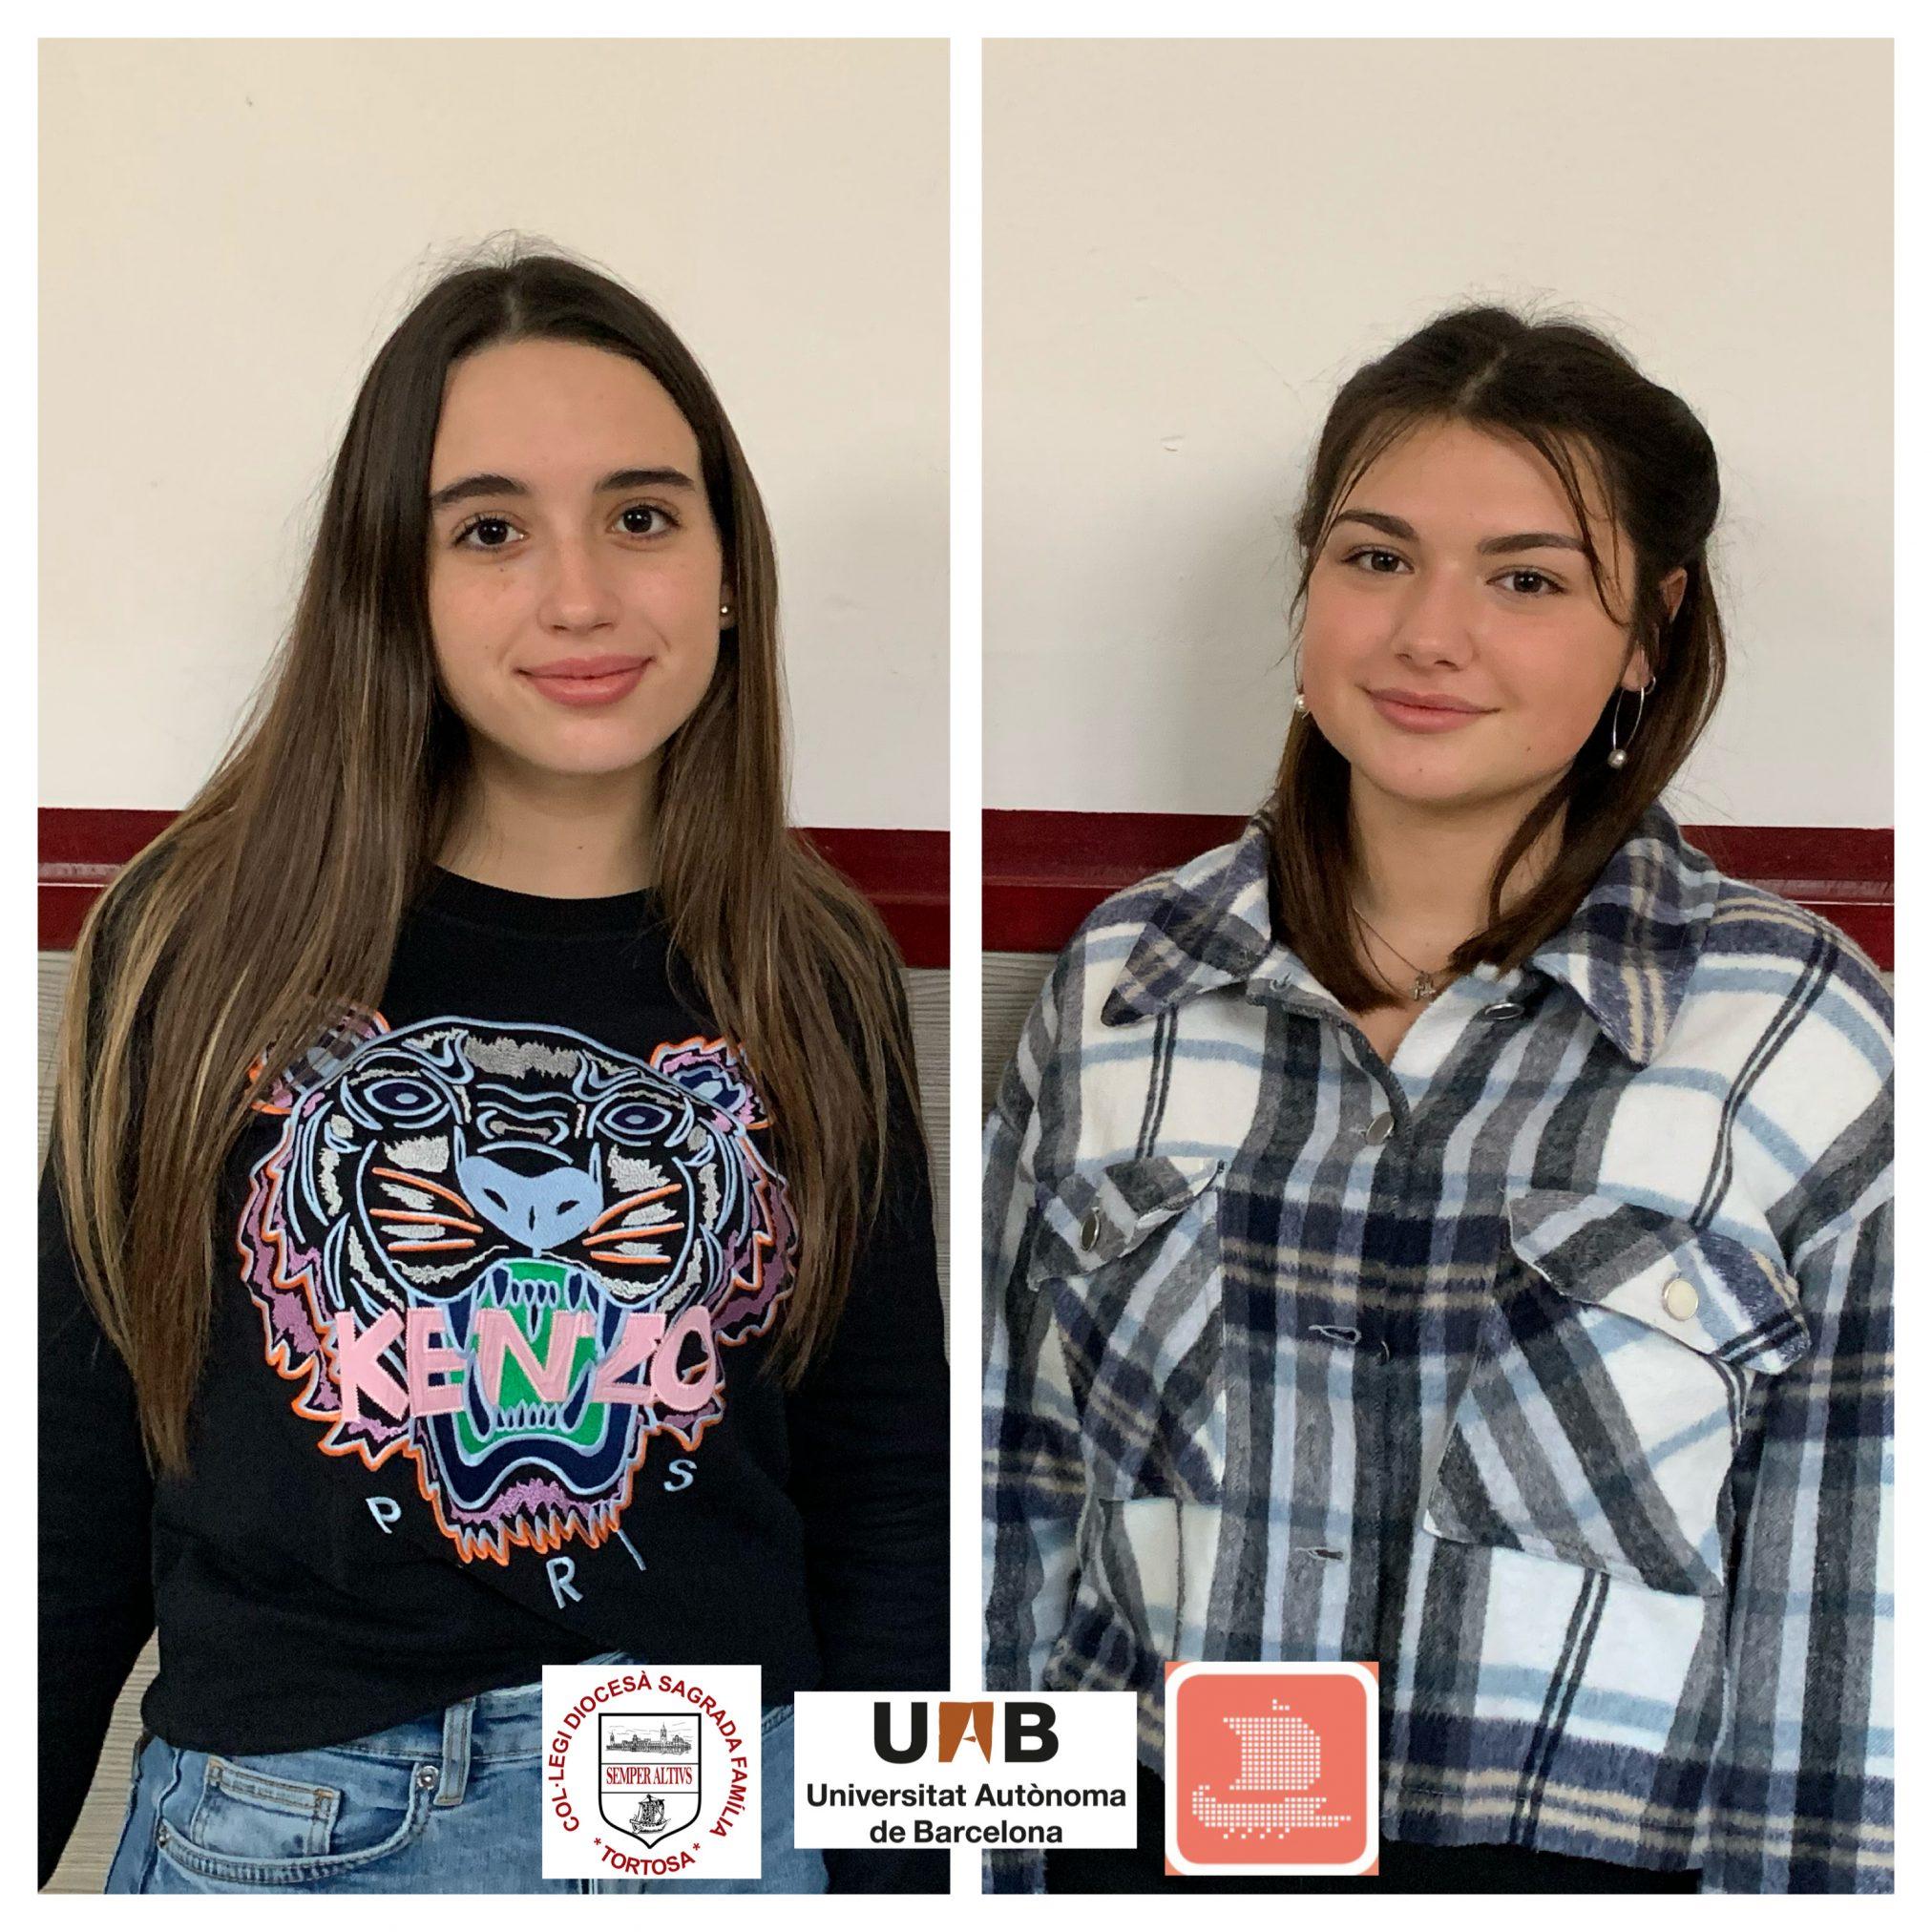 Estudiants seleccionades al Programa Argó (UAB)